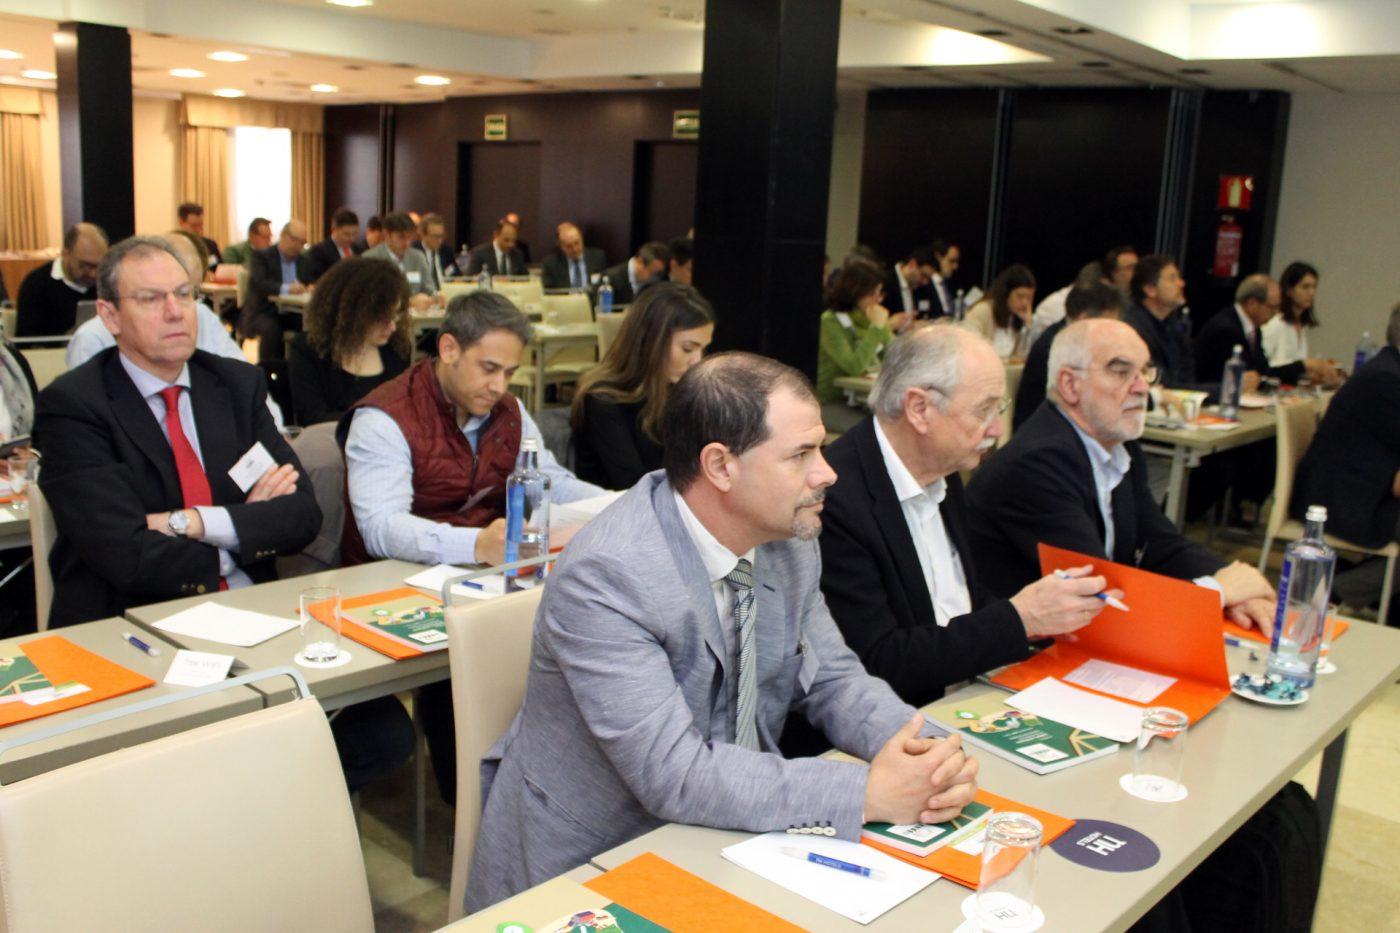 La Asamblea General de AEIM 2021 se centrará en los mercados de aprovisionamiento